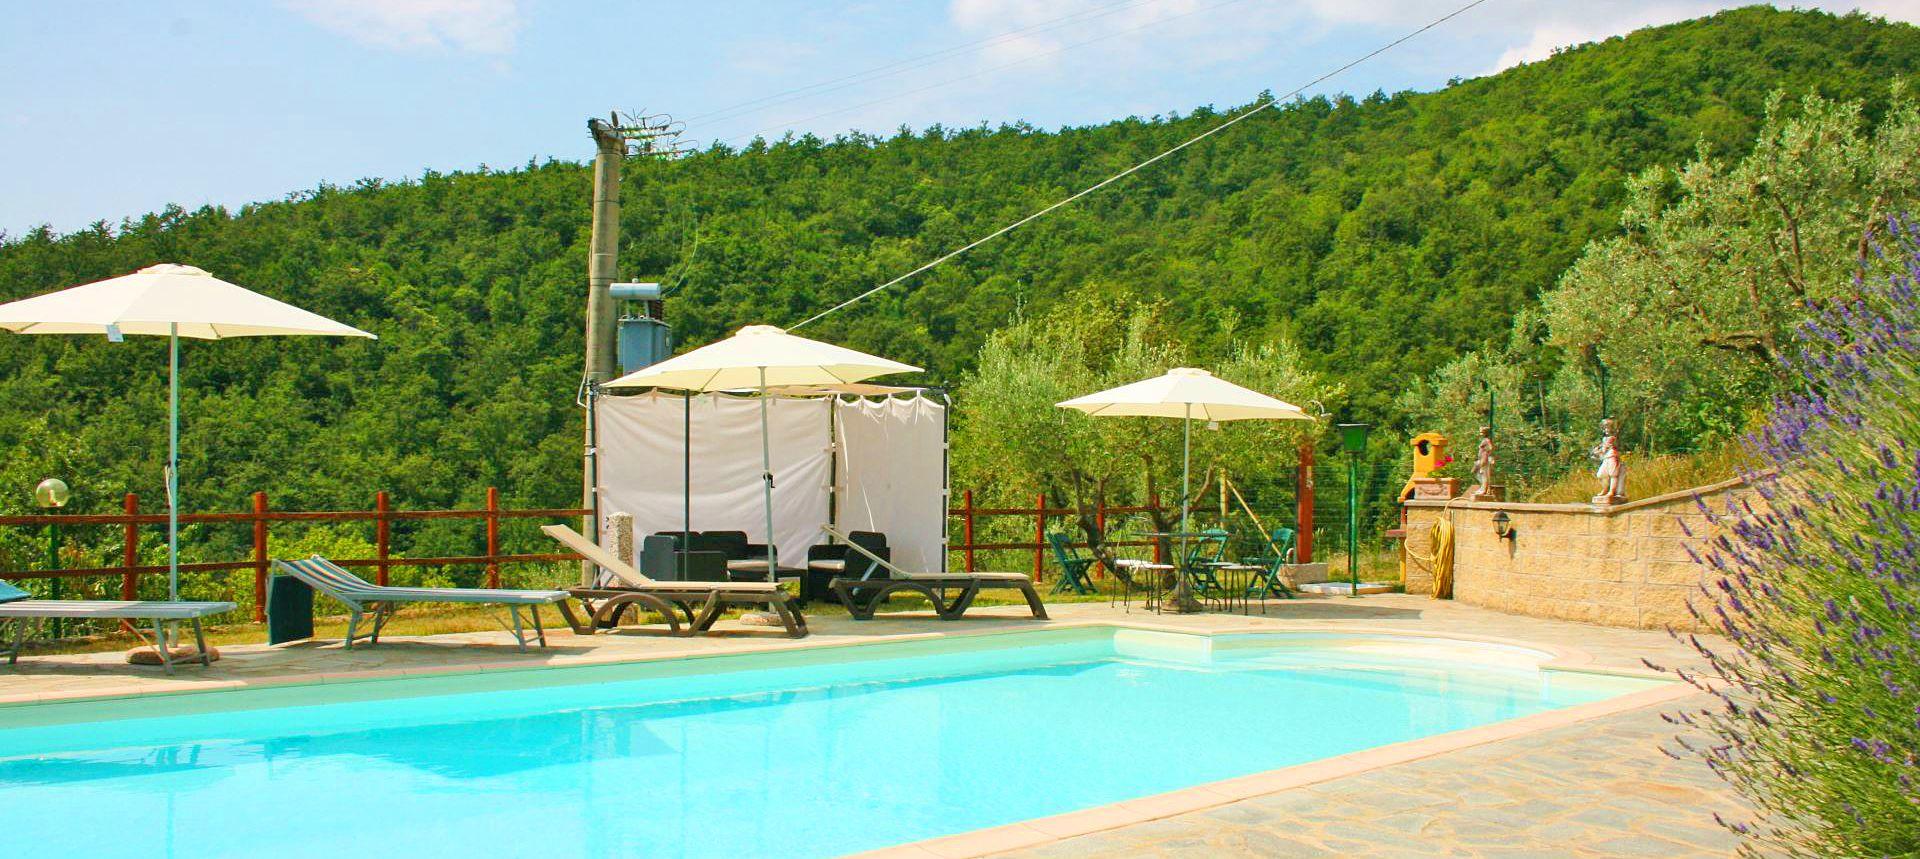 Ferienhaus Toskana TOH423 Swimmingpool